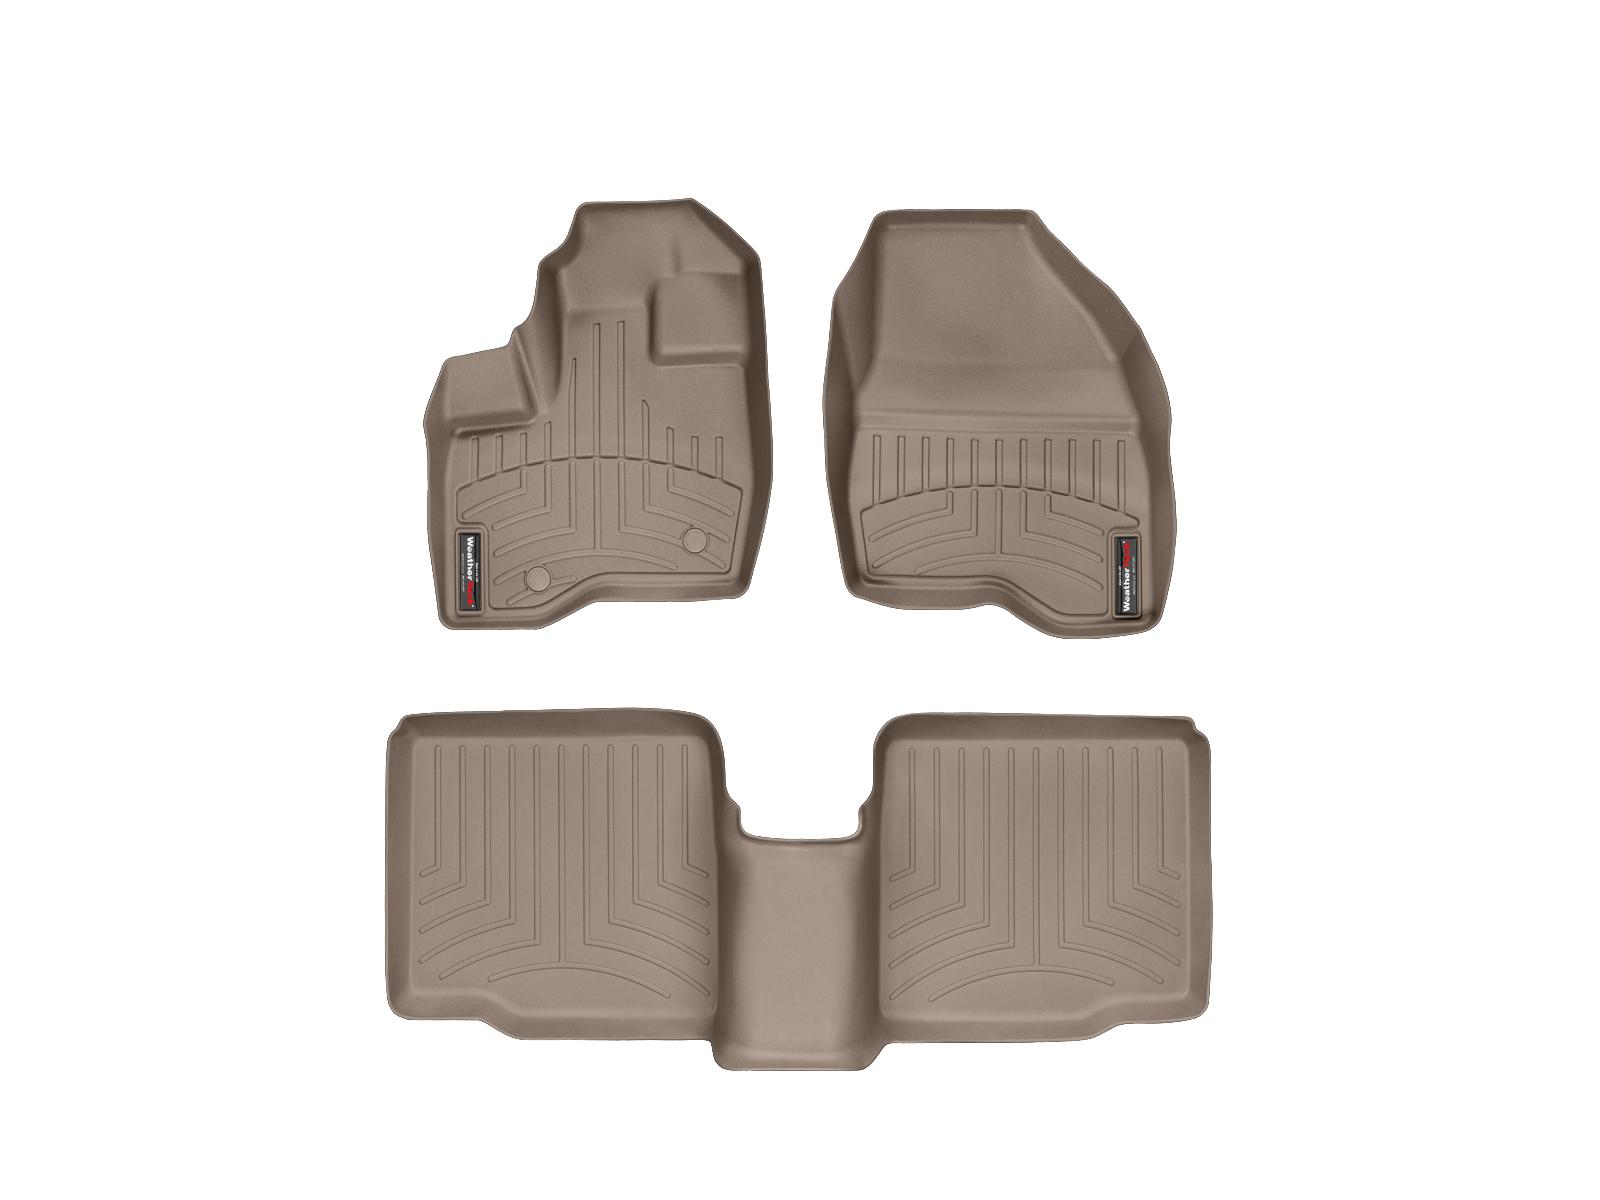 Tappeti gomma su misura bordo alto Ford Explorer 11>14 Marrone A865*